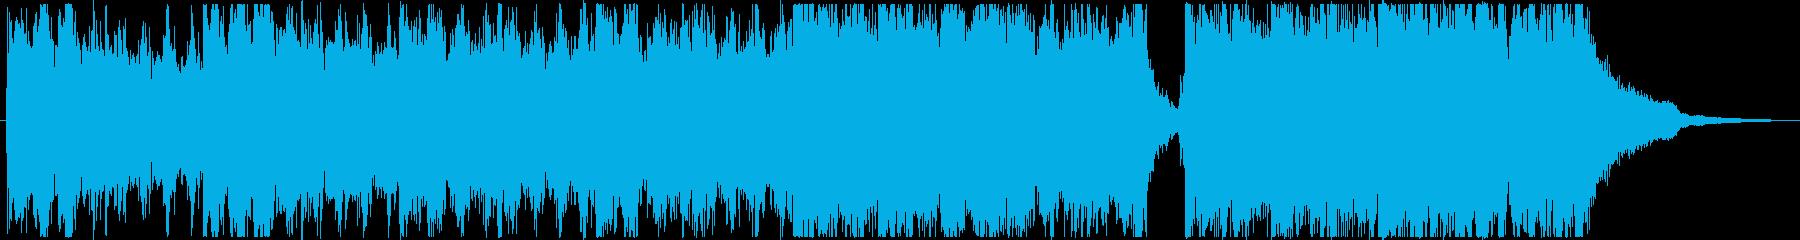 神秘的で緊迫のピアノとパーカッション曲の再生済みの波形